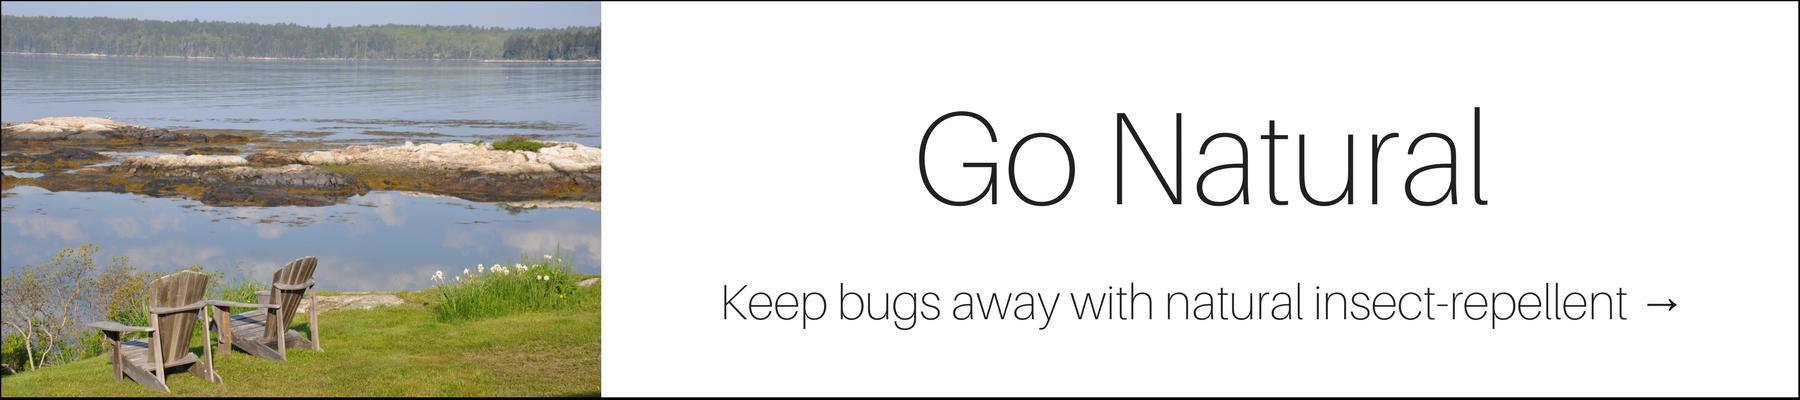 Keep bugs away the natural way